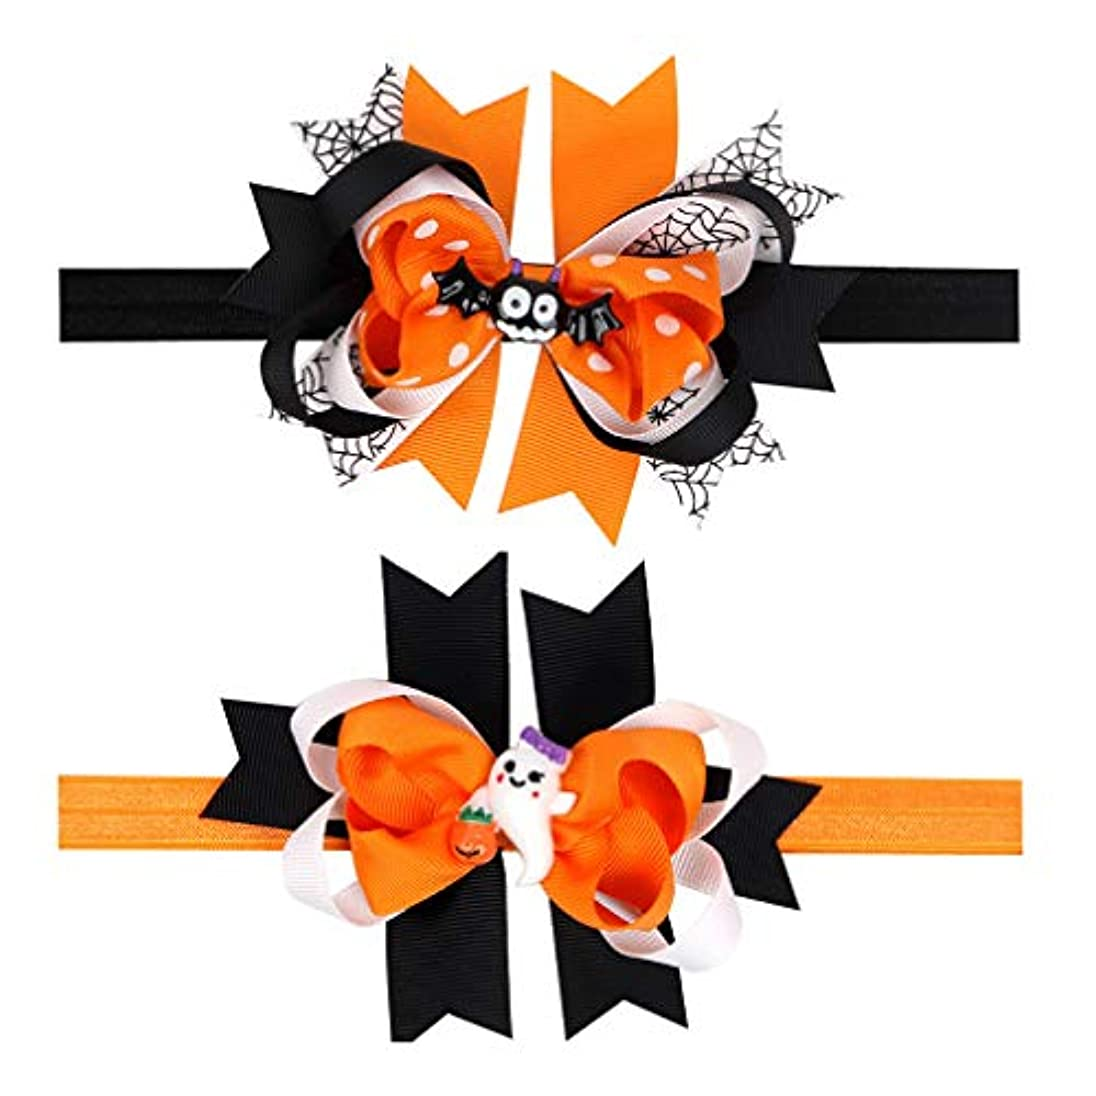 四半期高速道路枯れる(コ-ランド) Co-land ベビー ヘアバンド ハロウィン ヘアリボン 頭飾り 2点セット カチューシャ ベビーアクセサリ 赤ちゃん 出産祝い 撮影記念